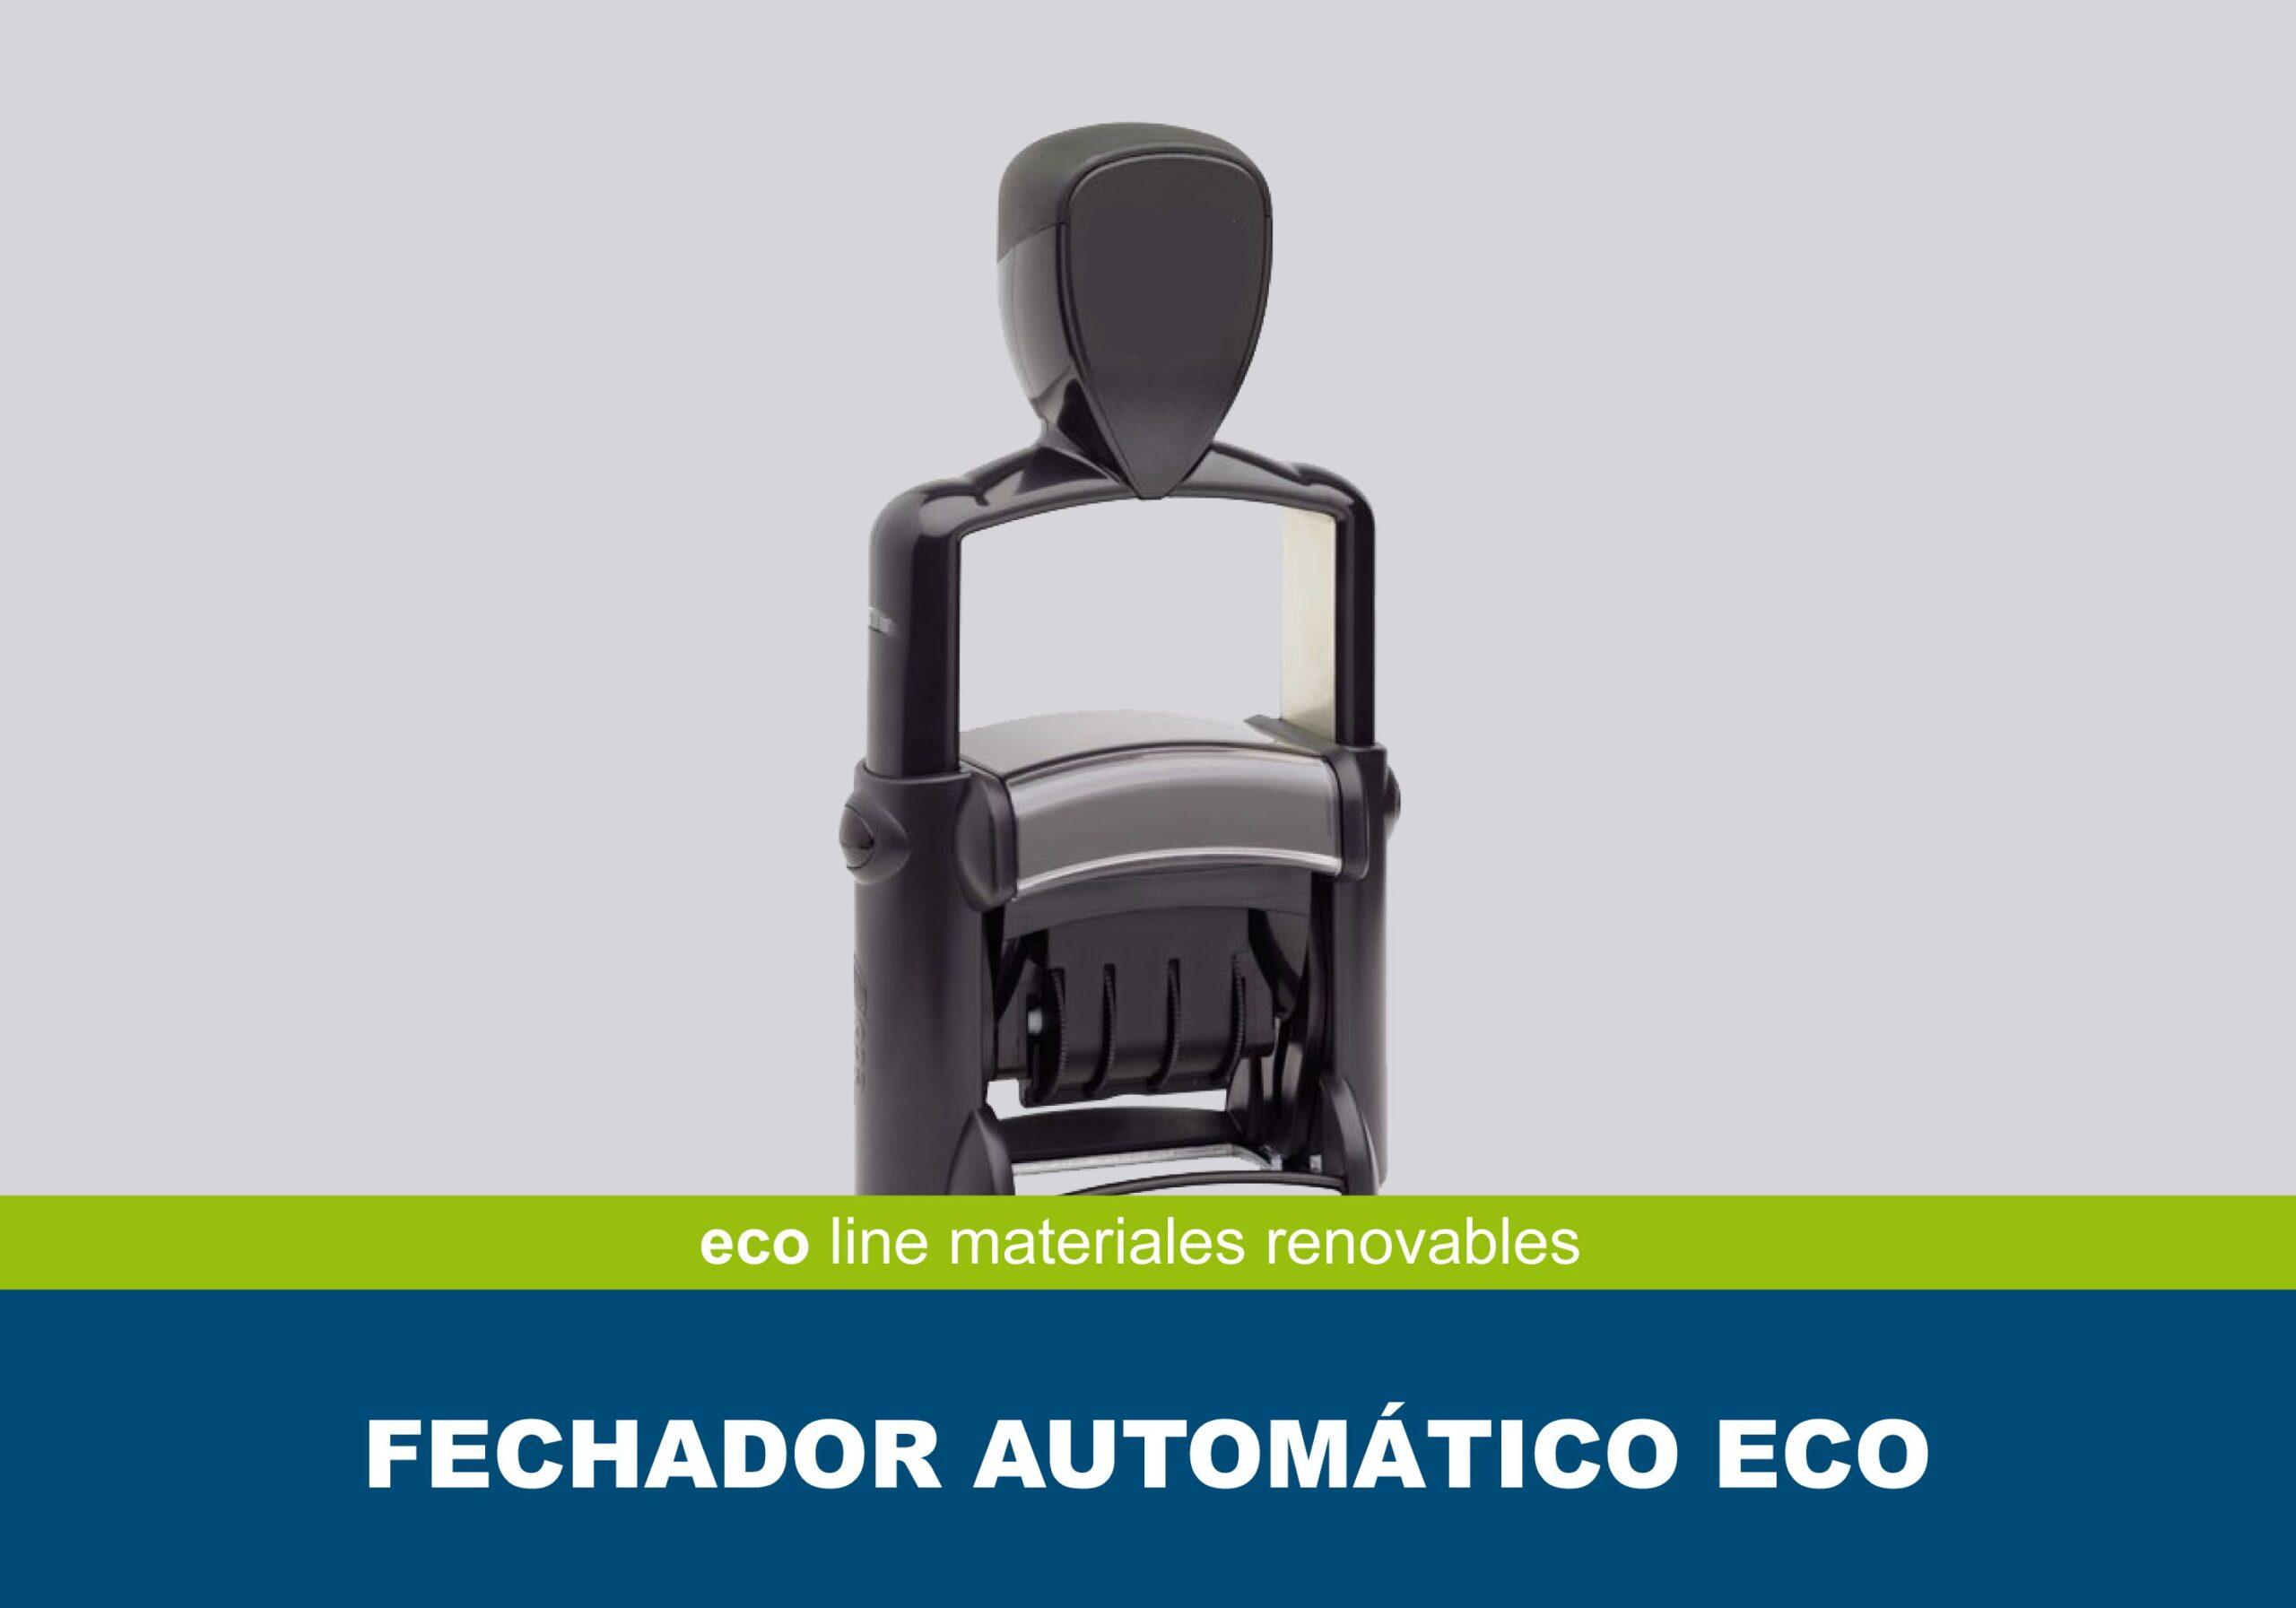 Fechador automático eco